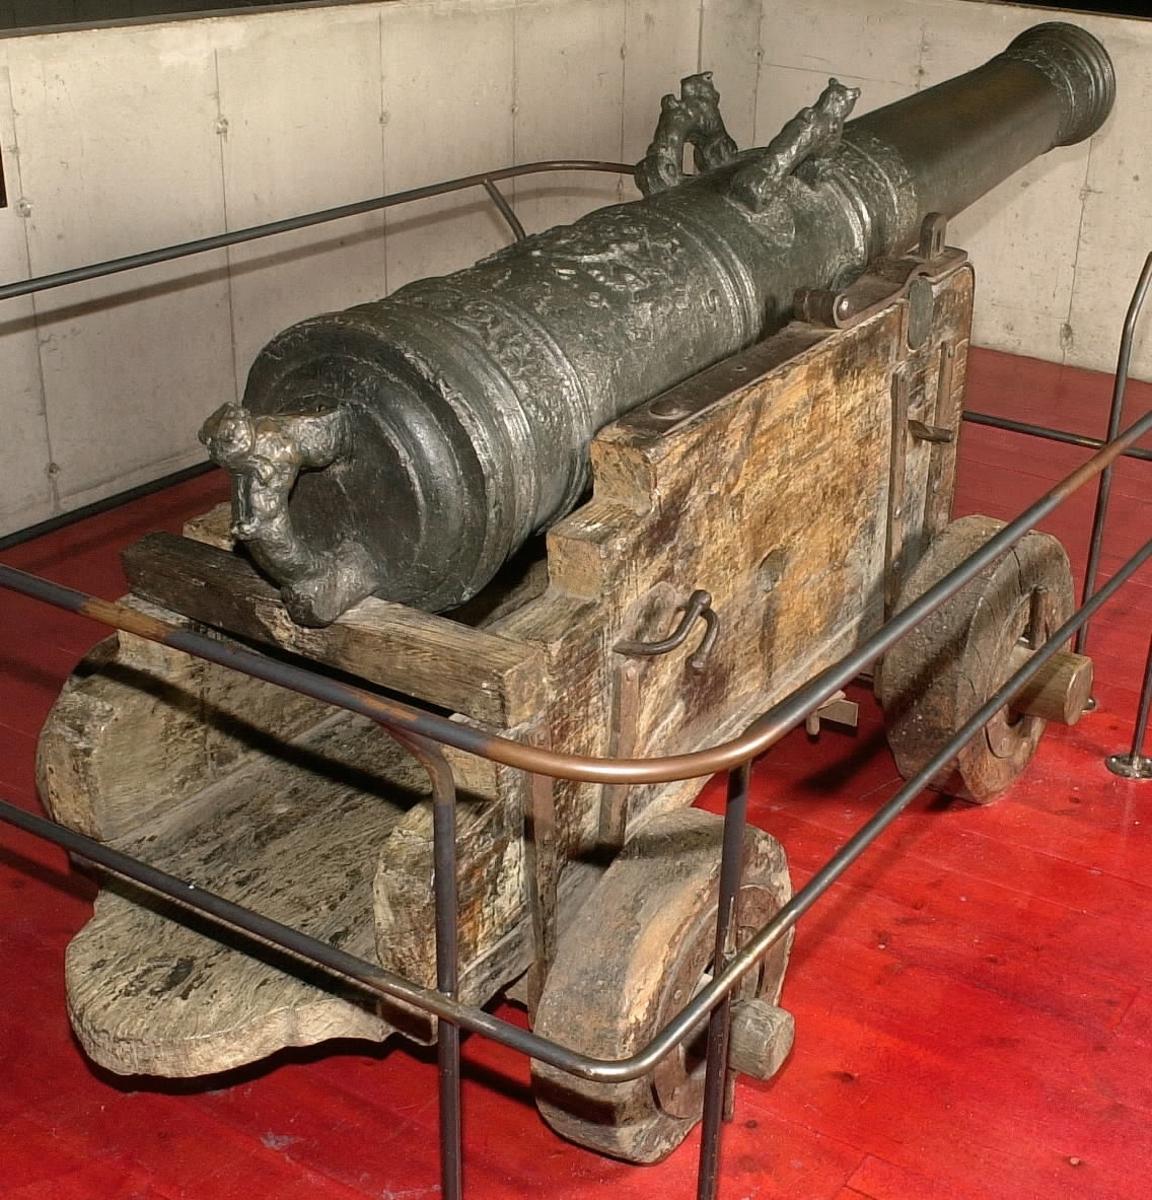 Kanonrör av brons. Gjutet riksvapen med initialerna G.A.R.S och årtalet 1626. Framför axeltappen finns ornament och Vasekärven. Vid mynningen finns akantusblad och sjöhästar. Siffrorna 9 2 12 finns inristade strax bakom delfinerna.